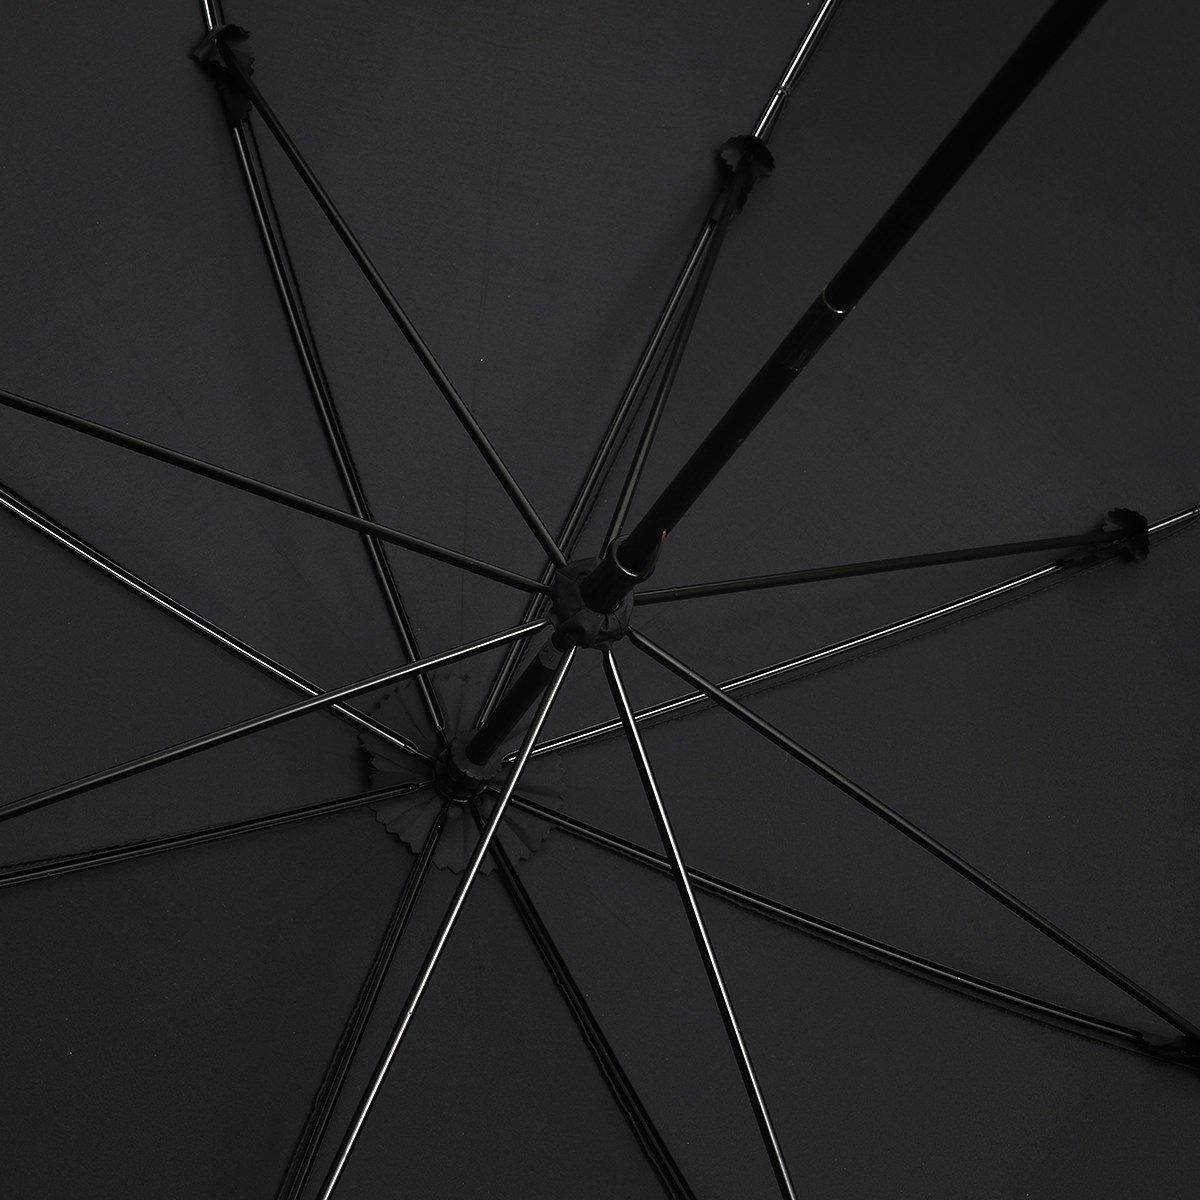 太鼓傘 - 鉄芯 詳細画像9